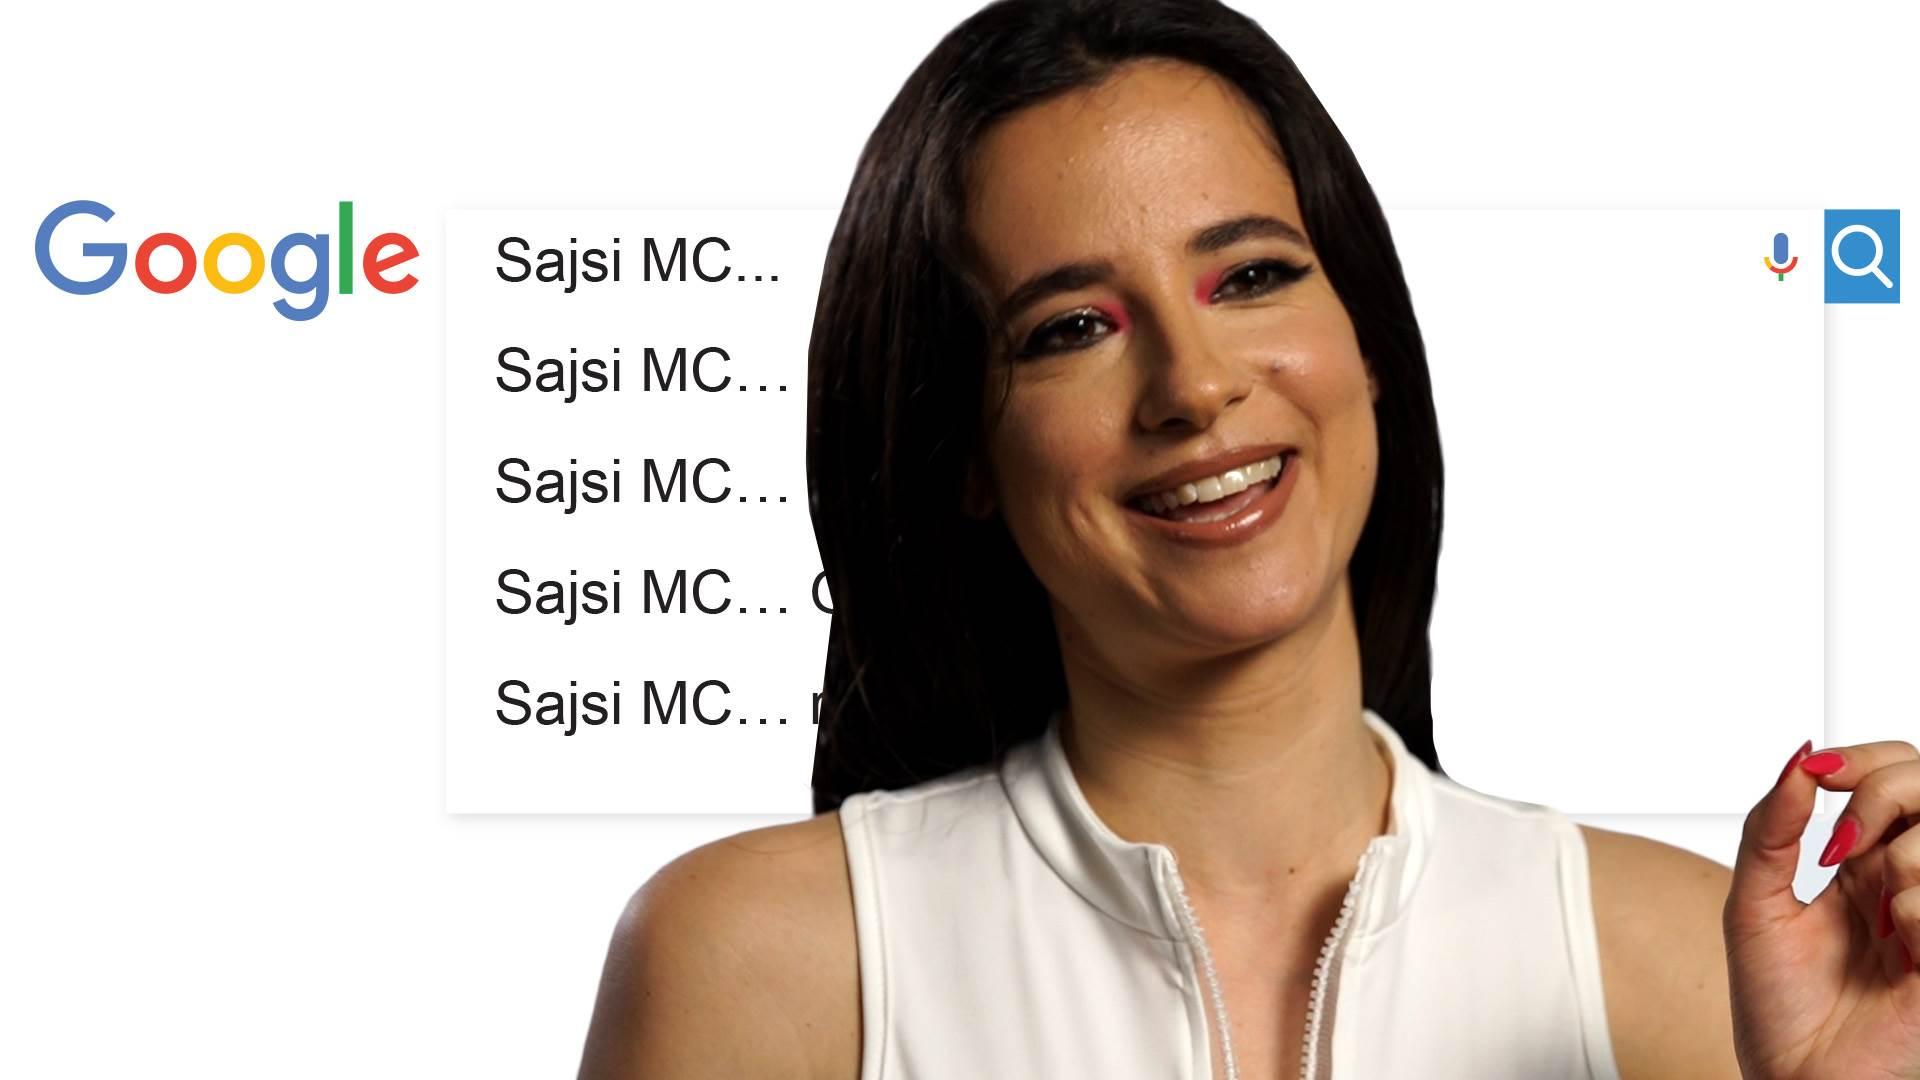 Sajsi MC